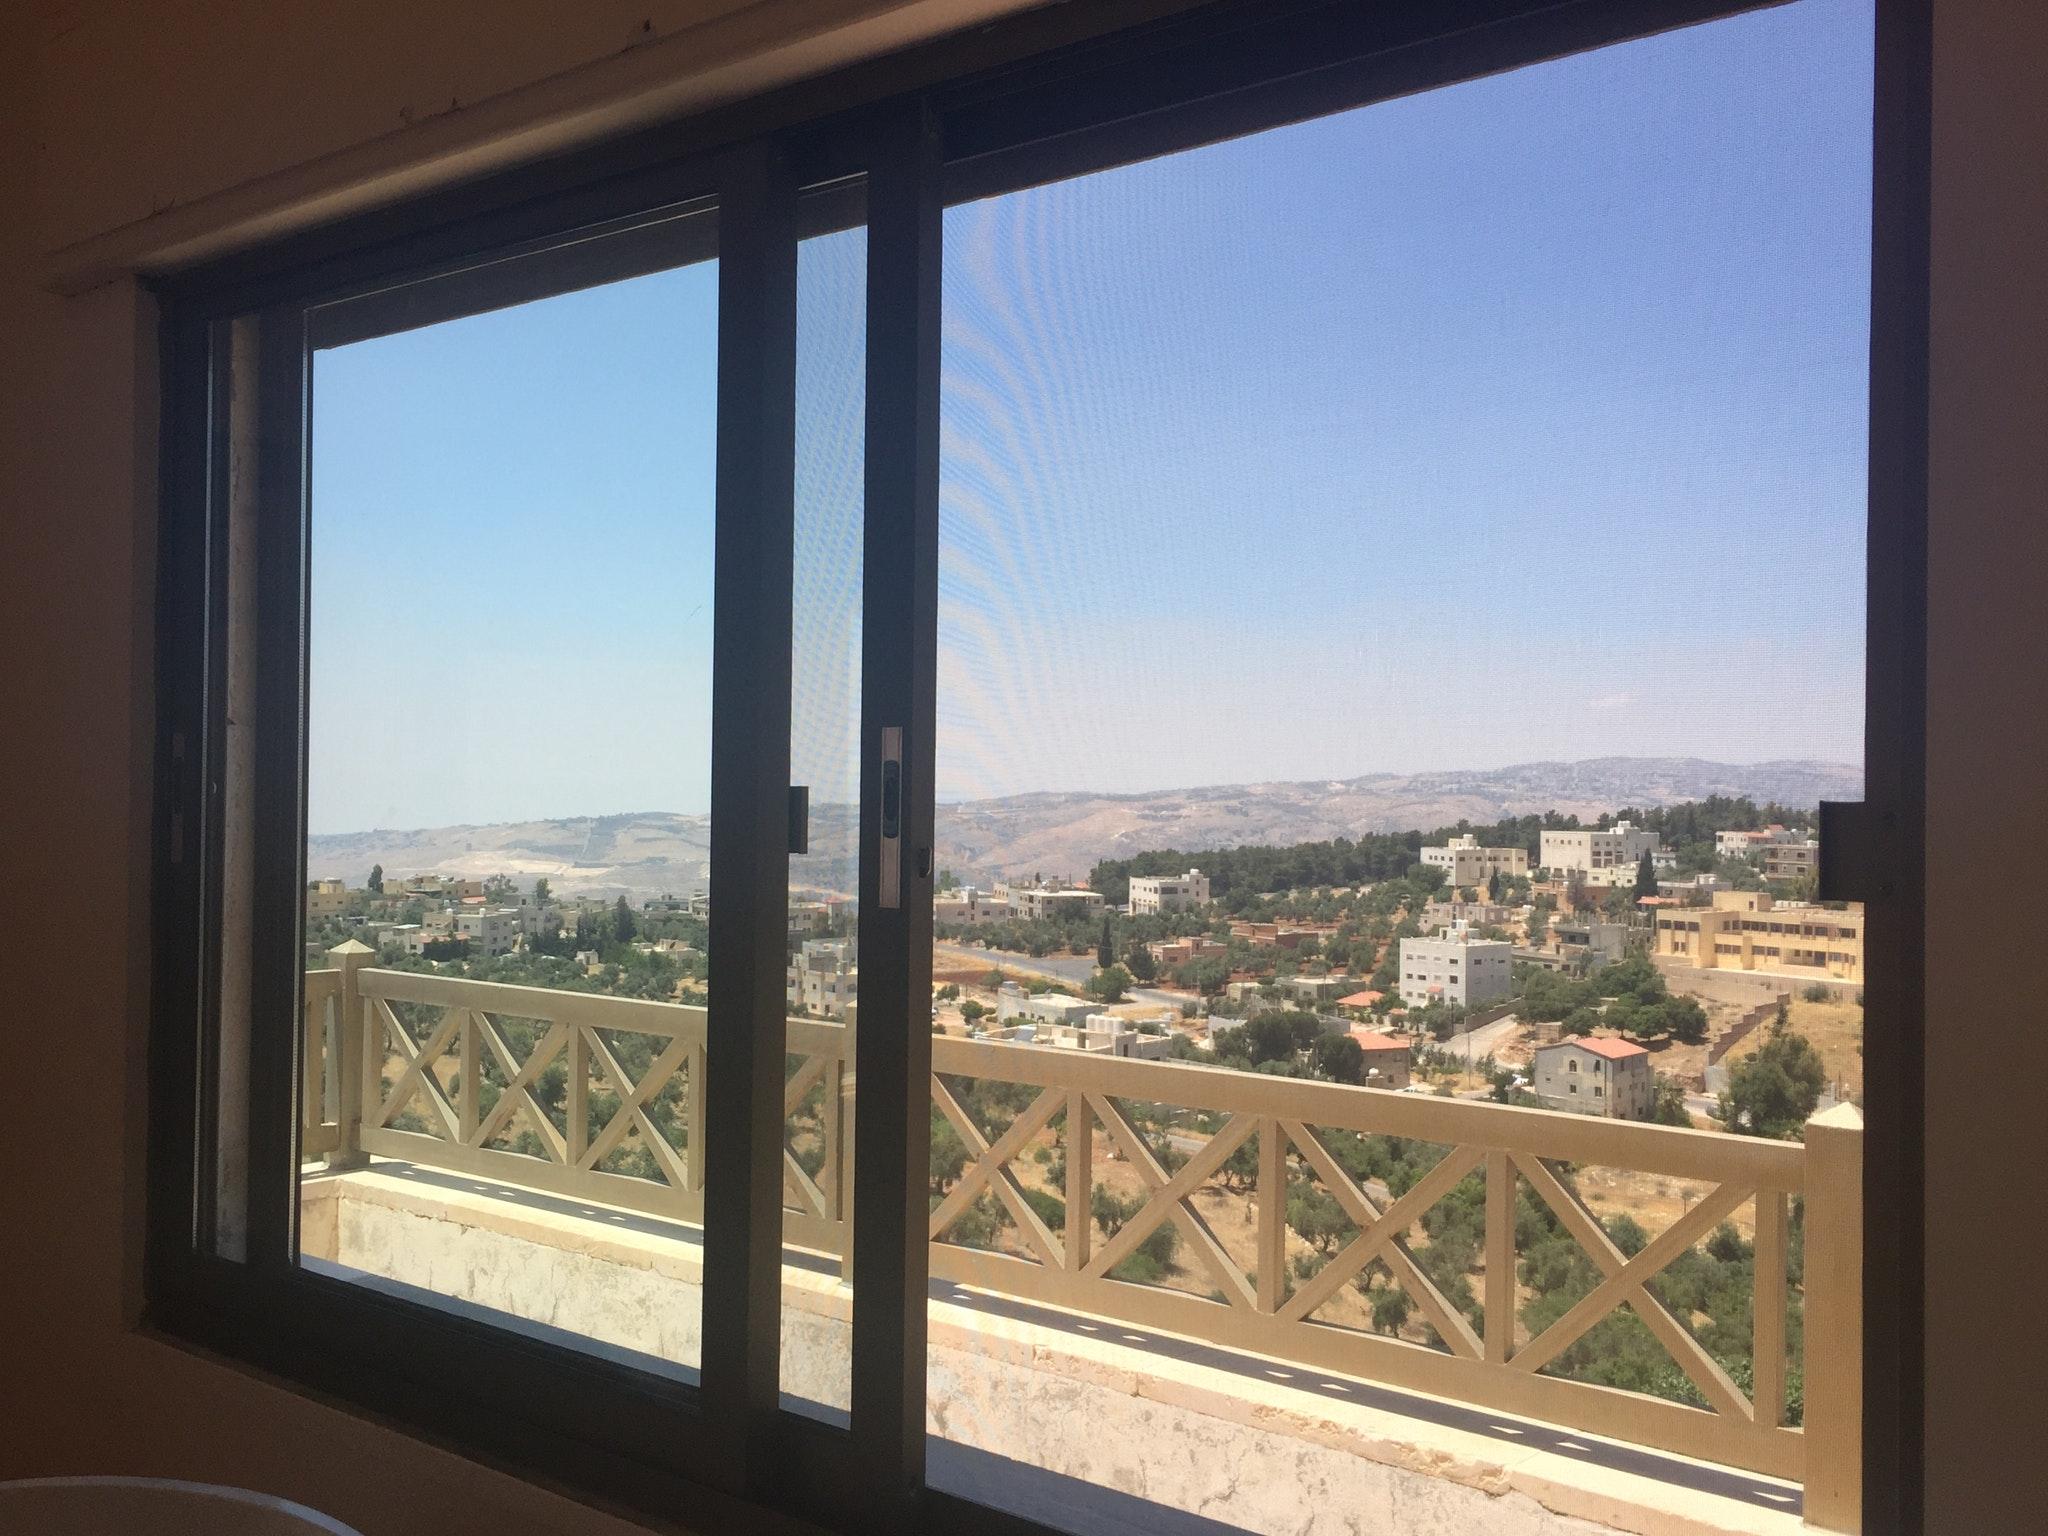 Haus mit 4 Schlafzimmern in Amman mit herrlichem M Ferienhaus in Asien und Naher Osten